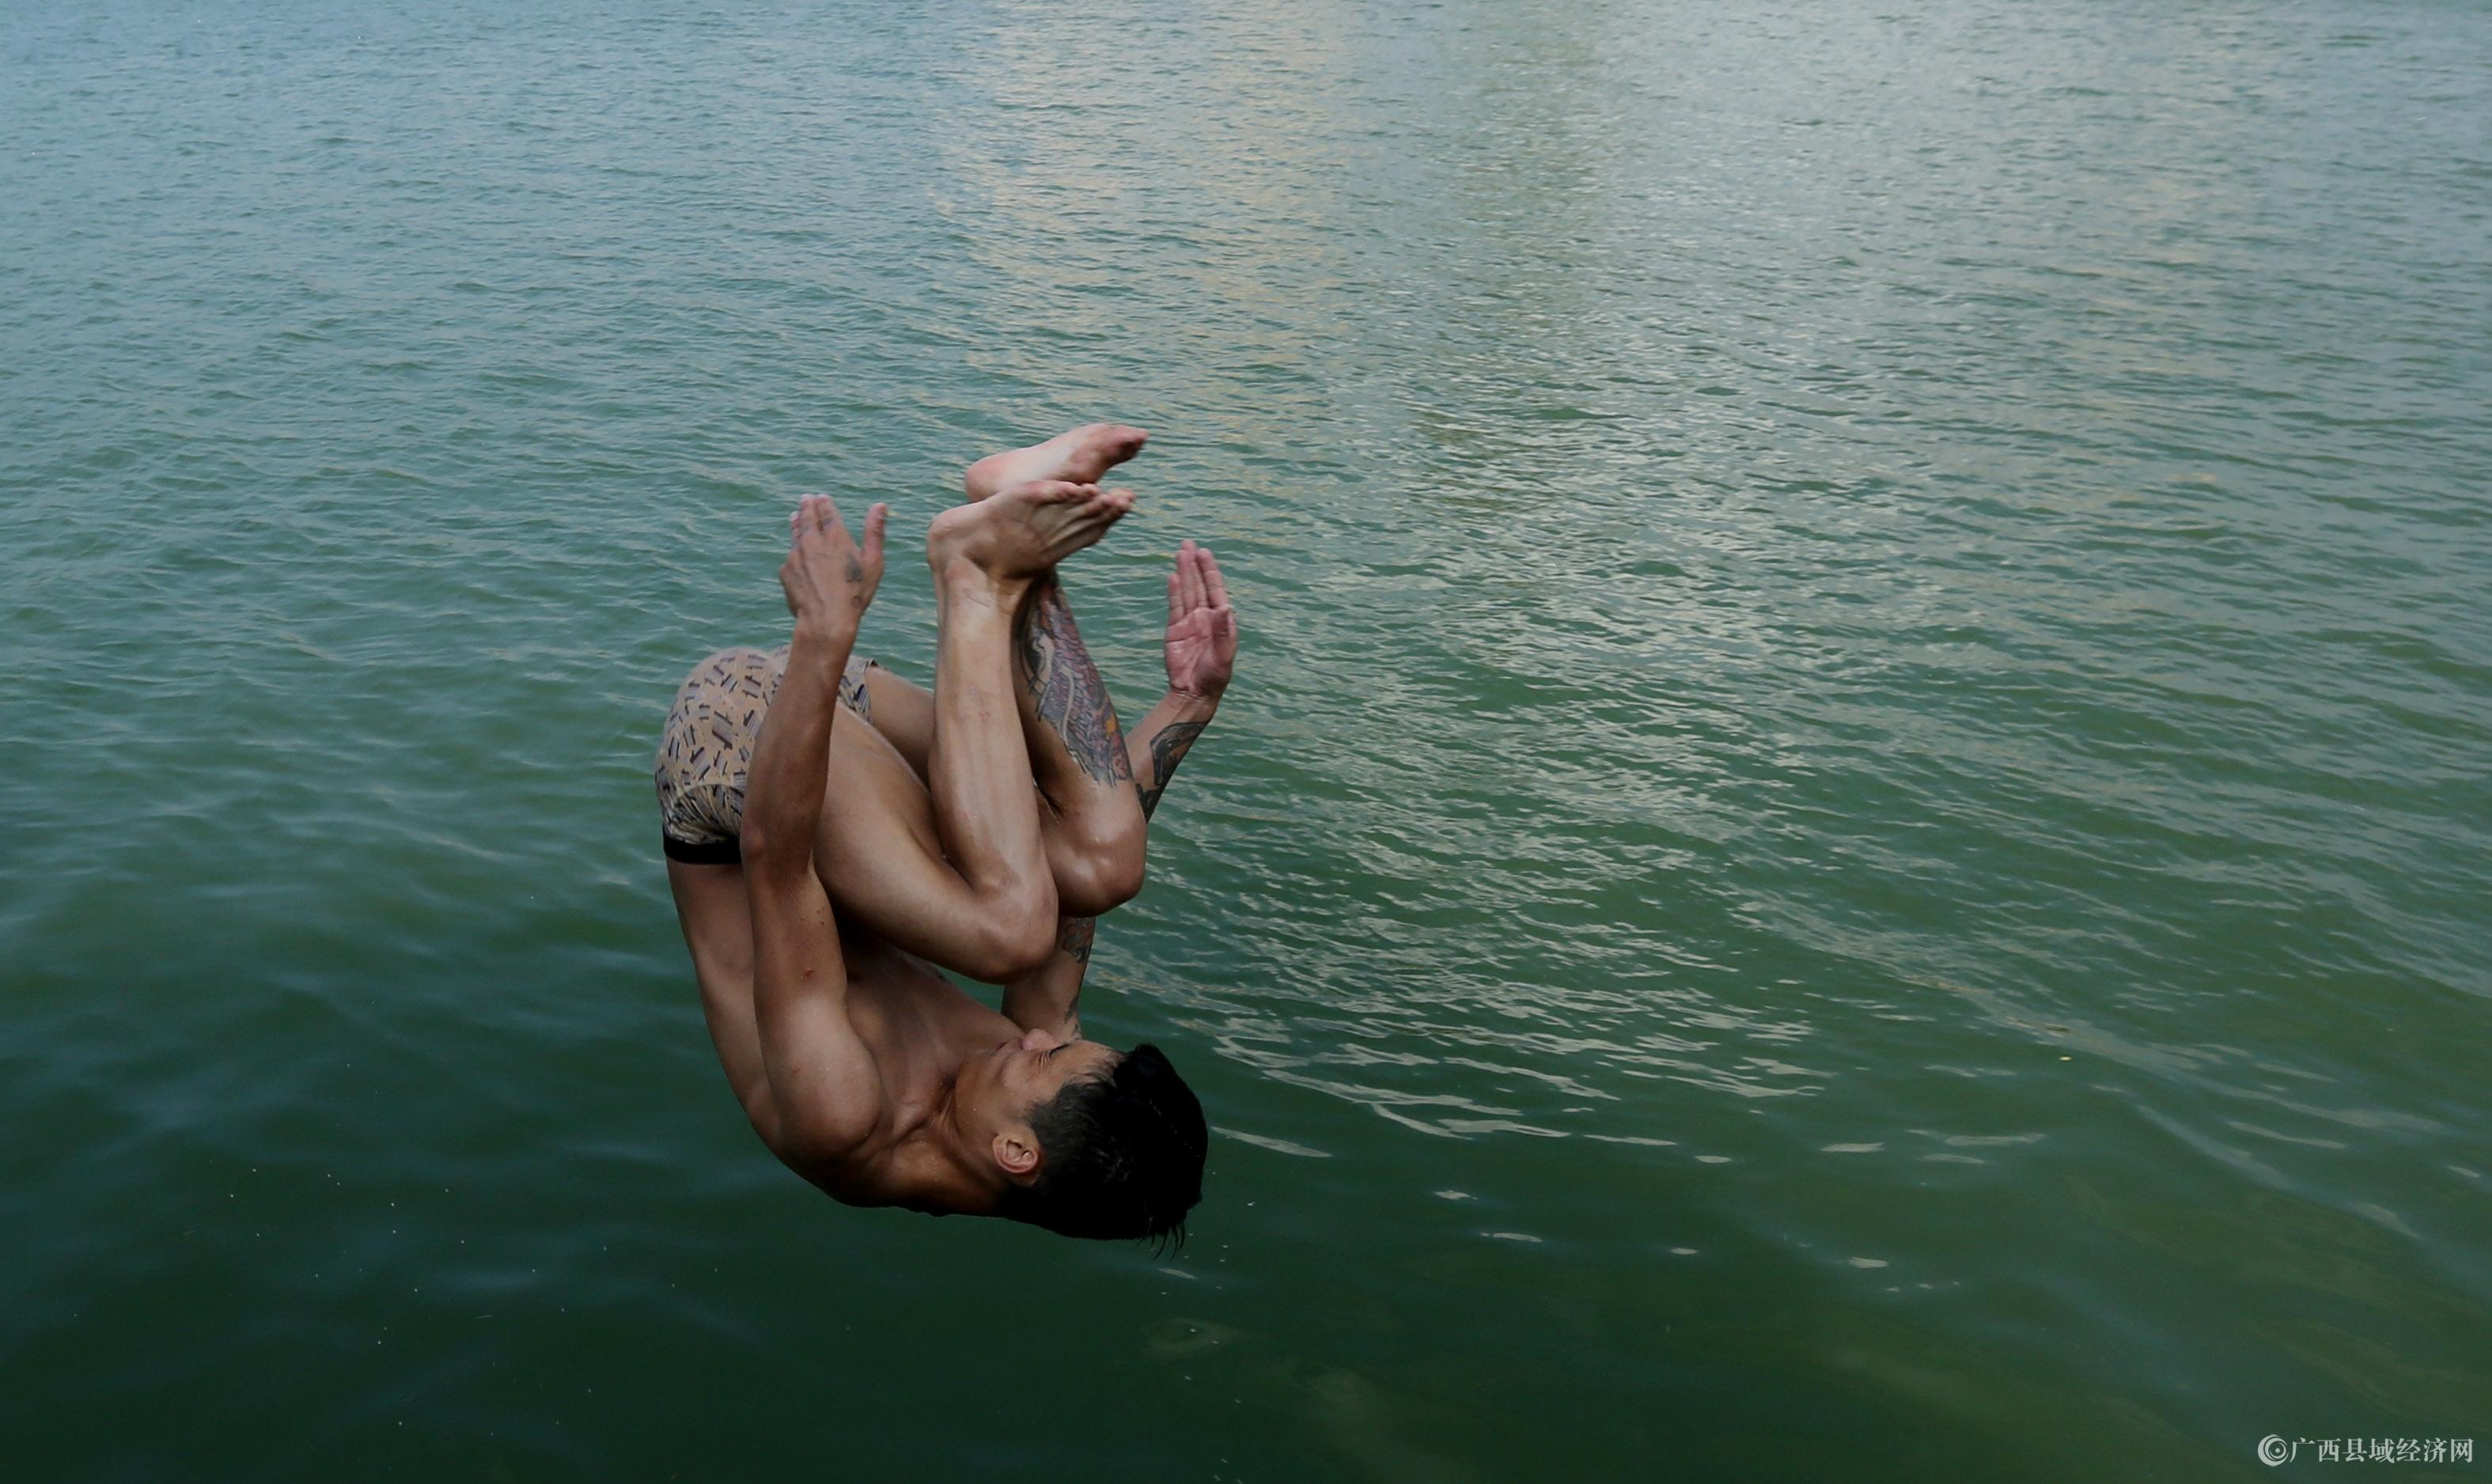 图6:8月7日,在融江广西柳州市融安县城段,一名青年跳入水中解暑。(谭凯兴 摄).JPG